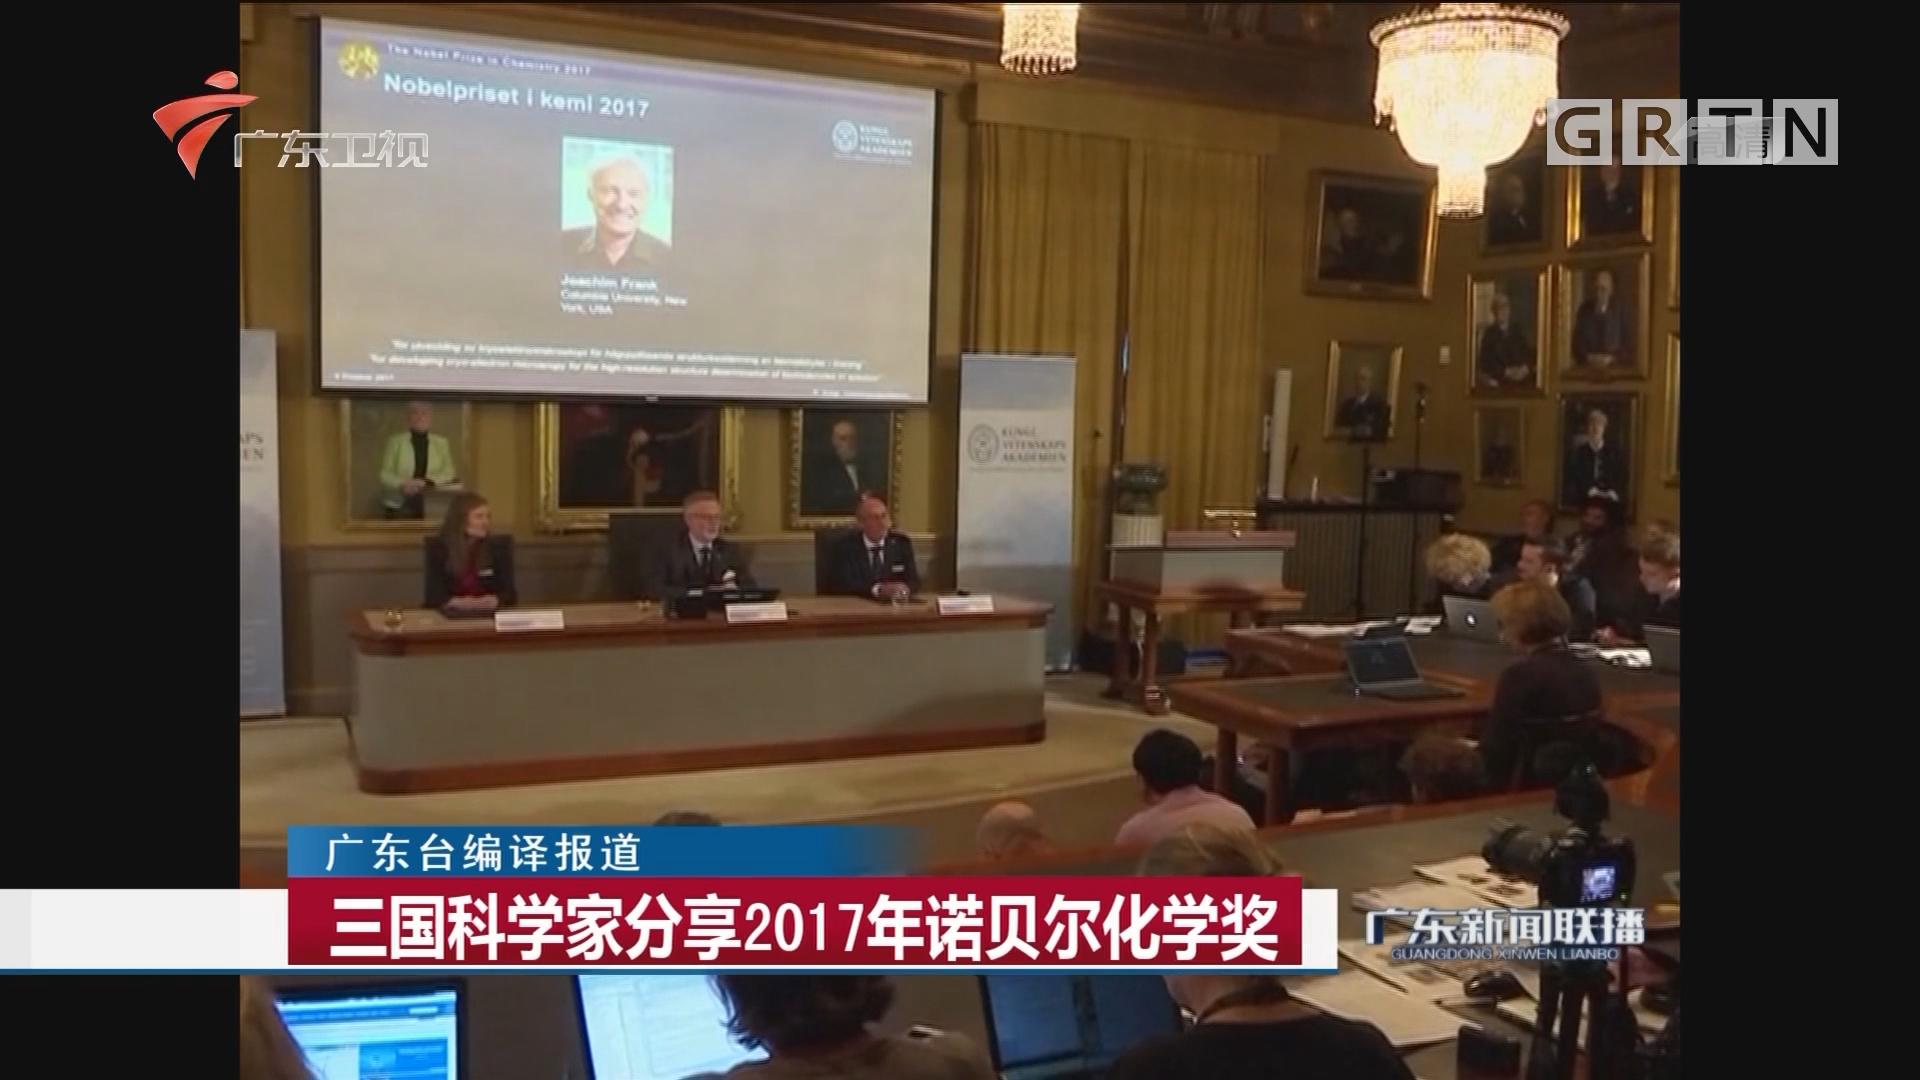 三国科学家分享2017年诺贝尔化学奖